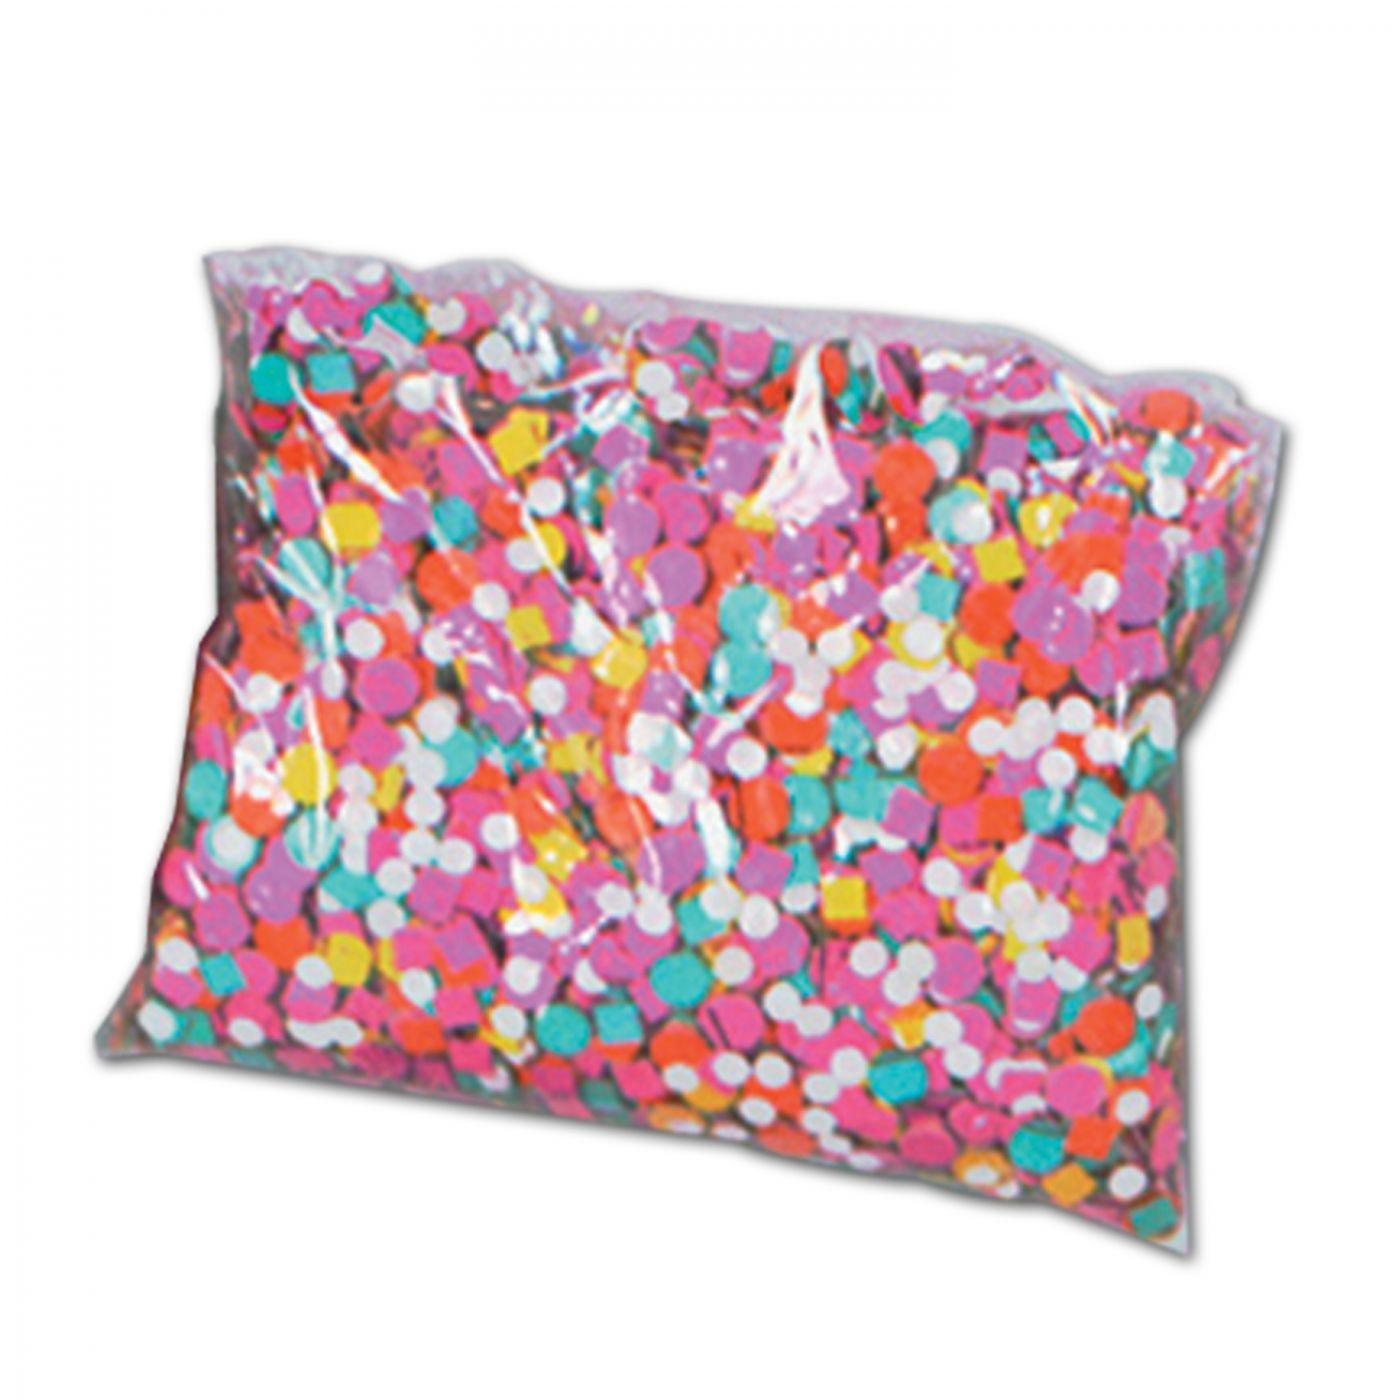 Bulk Confetti  (1) image